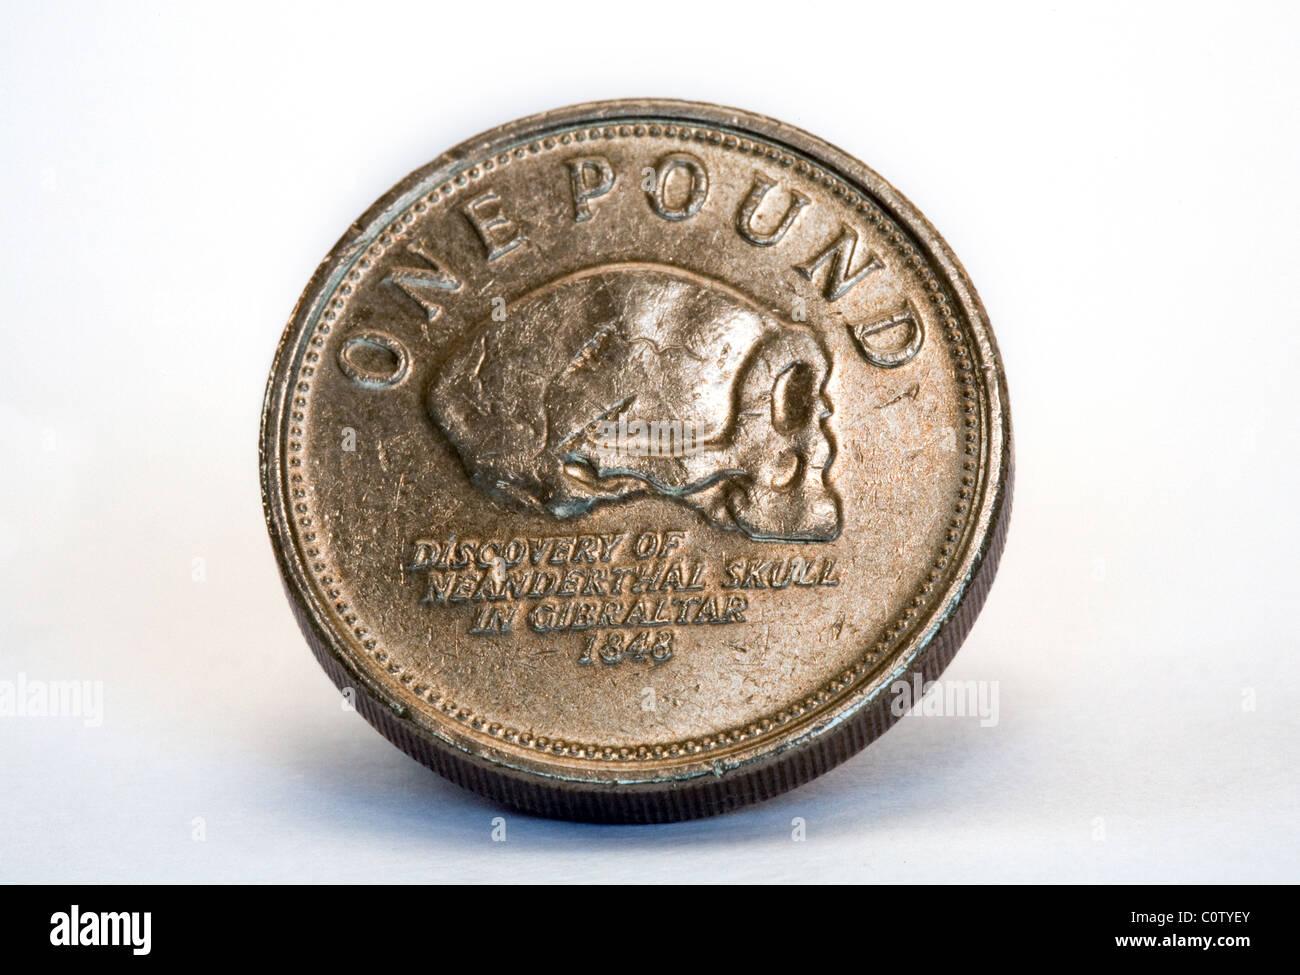 A £1 Gibraltar coin - Stock Image